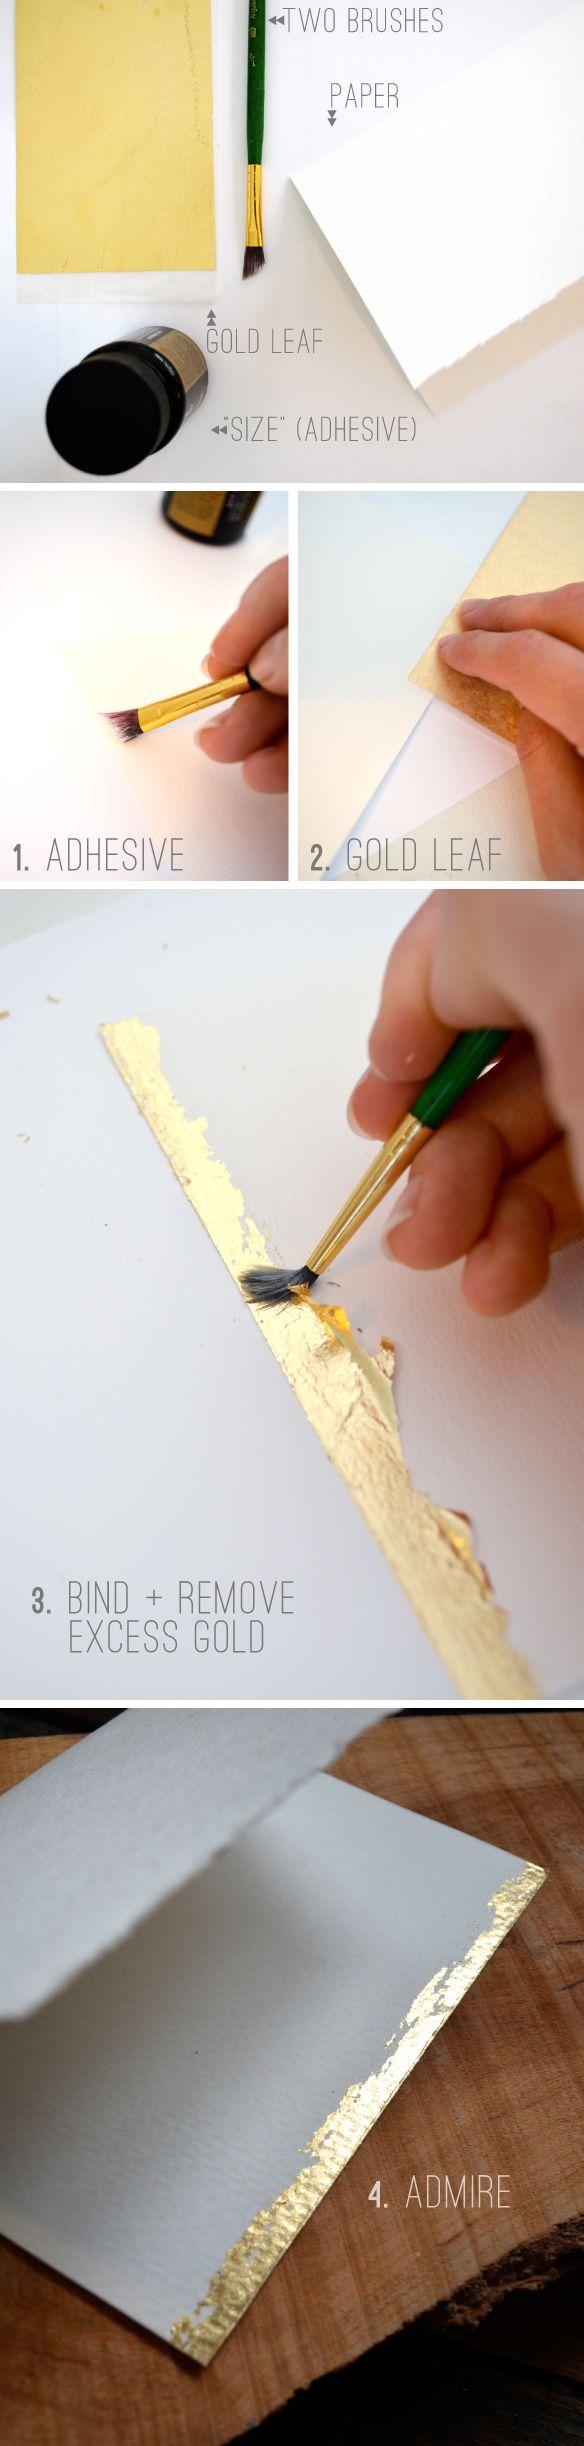 DIY gold leaf/emboss card                                                                                                                                                                                 More